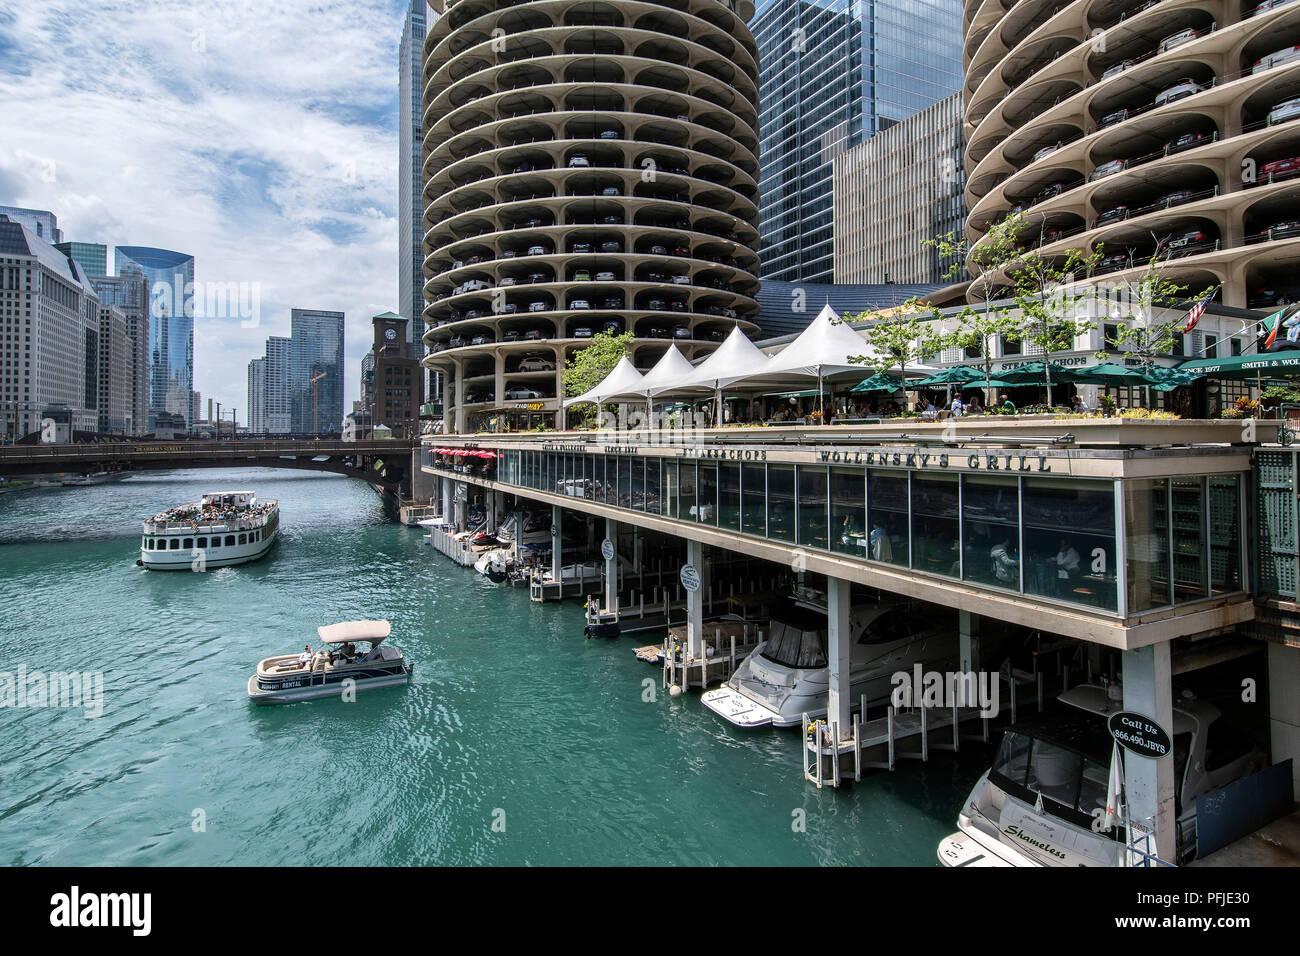 Vista del fiume Chicago dallo Stato Street Bridge, Marina Towers, del centro cittadino di Chicago. Immagini Stock